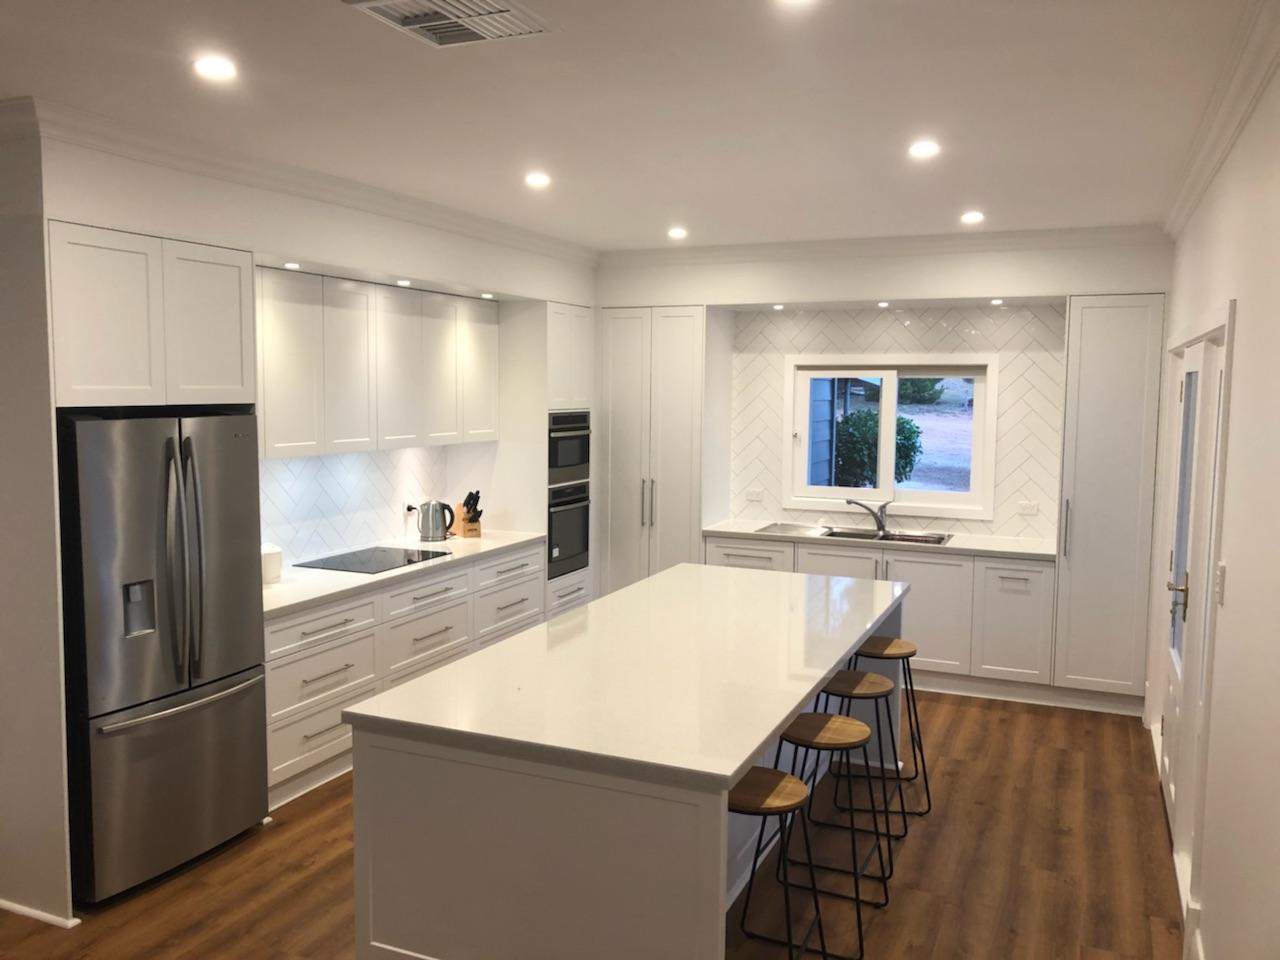 Farmhouseextension_interior_Kitchenzafter1 (1280x960).jpg